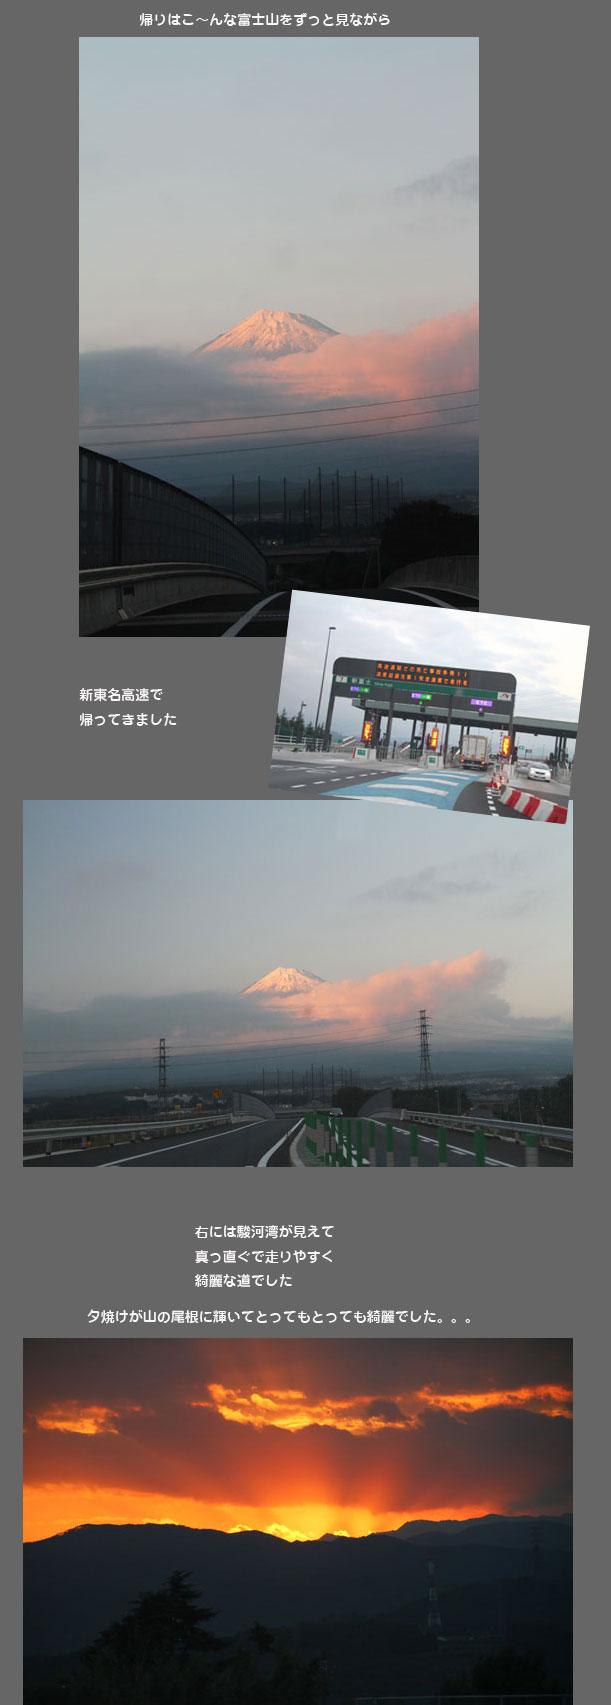 tanukikoh3.jpg